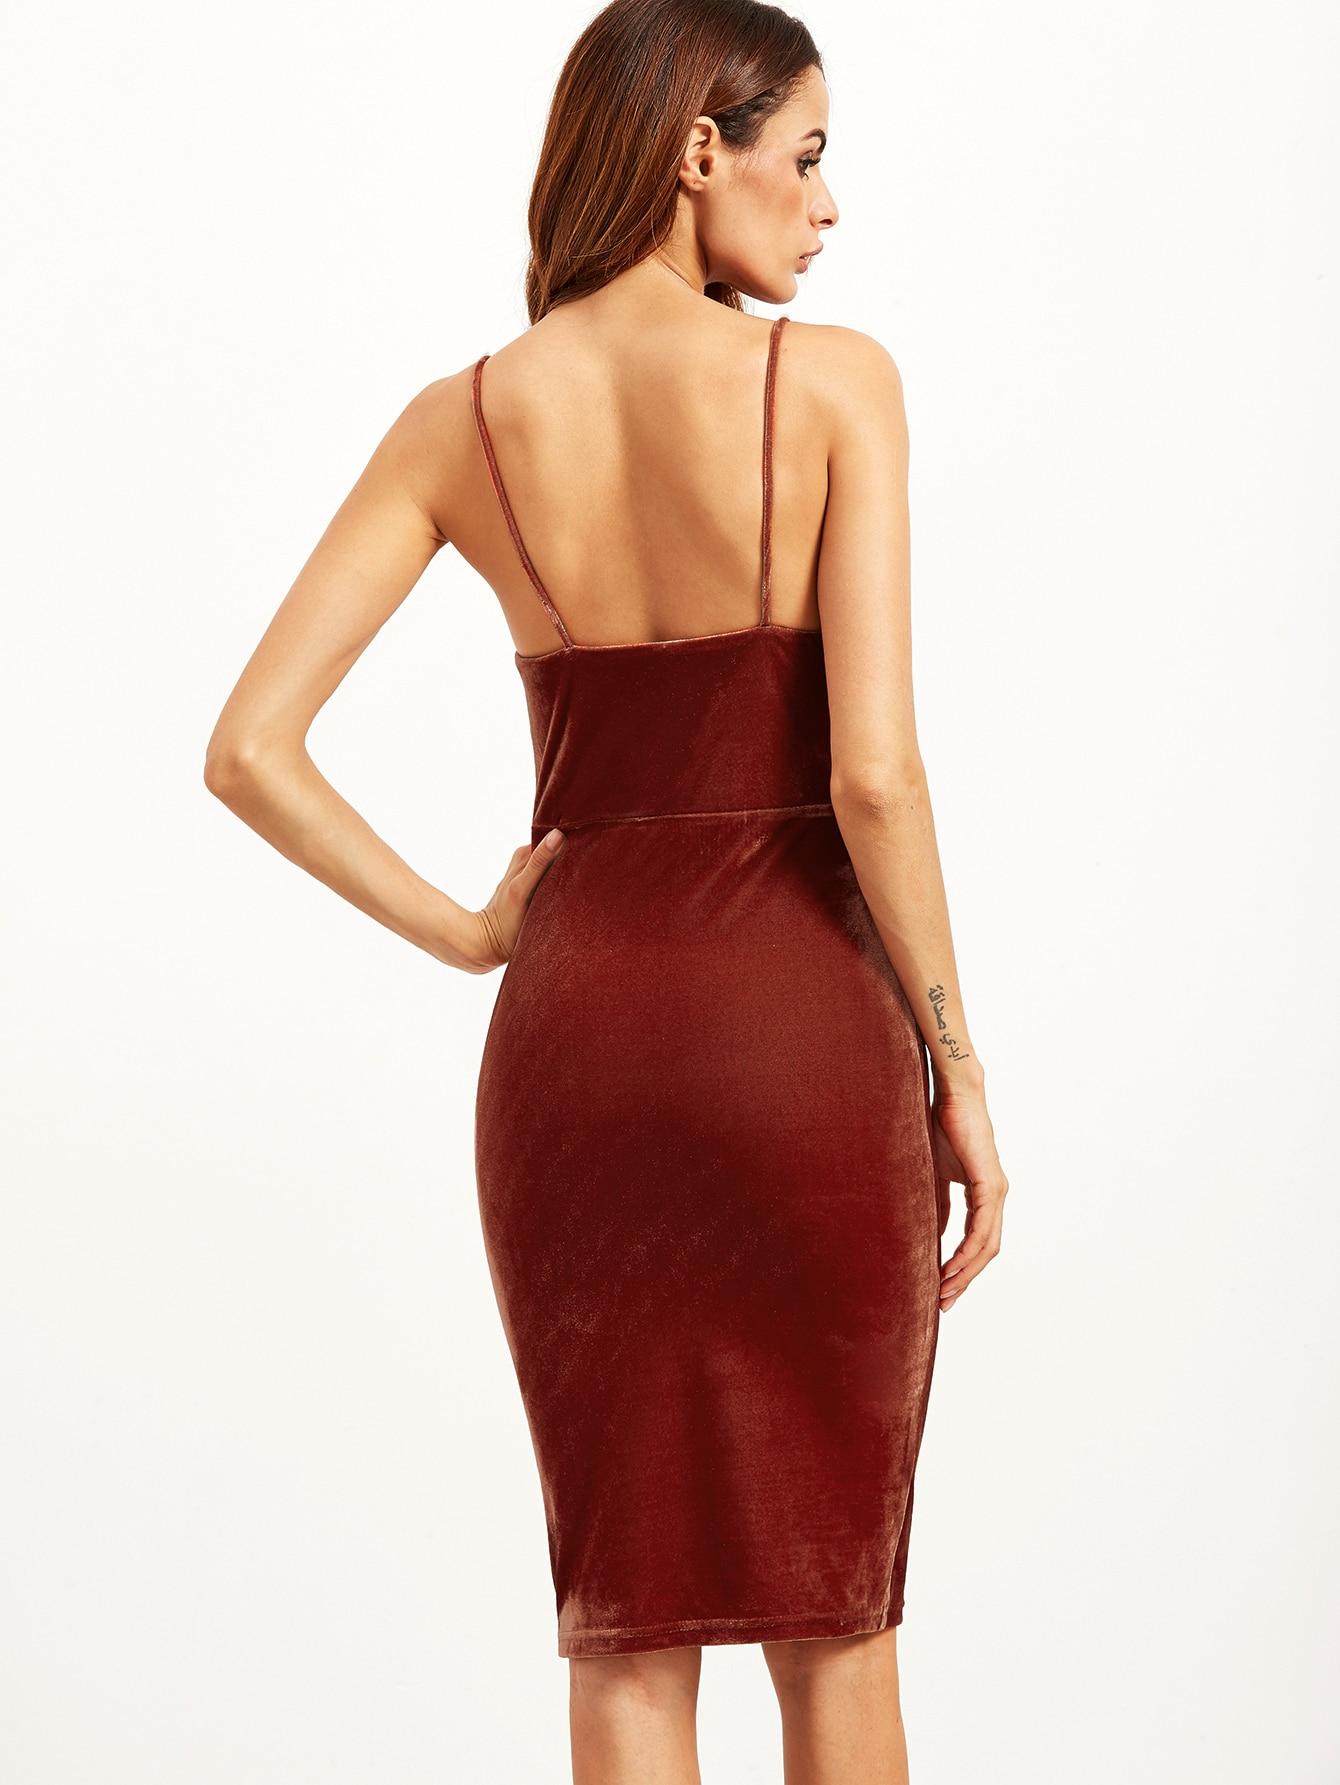 dress160830508_2